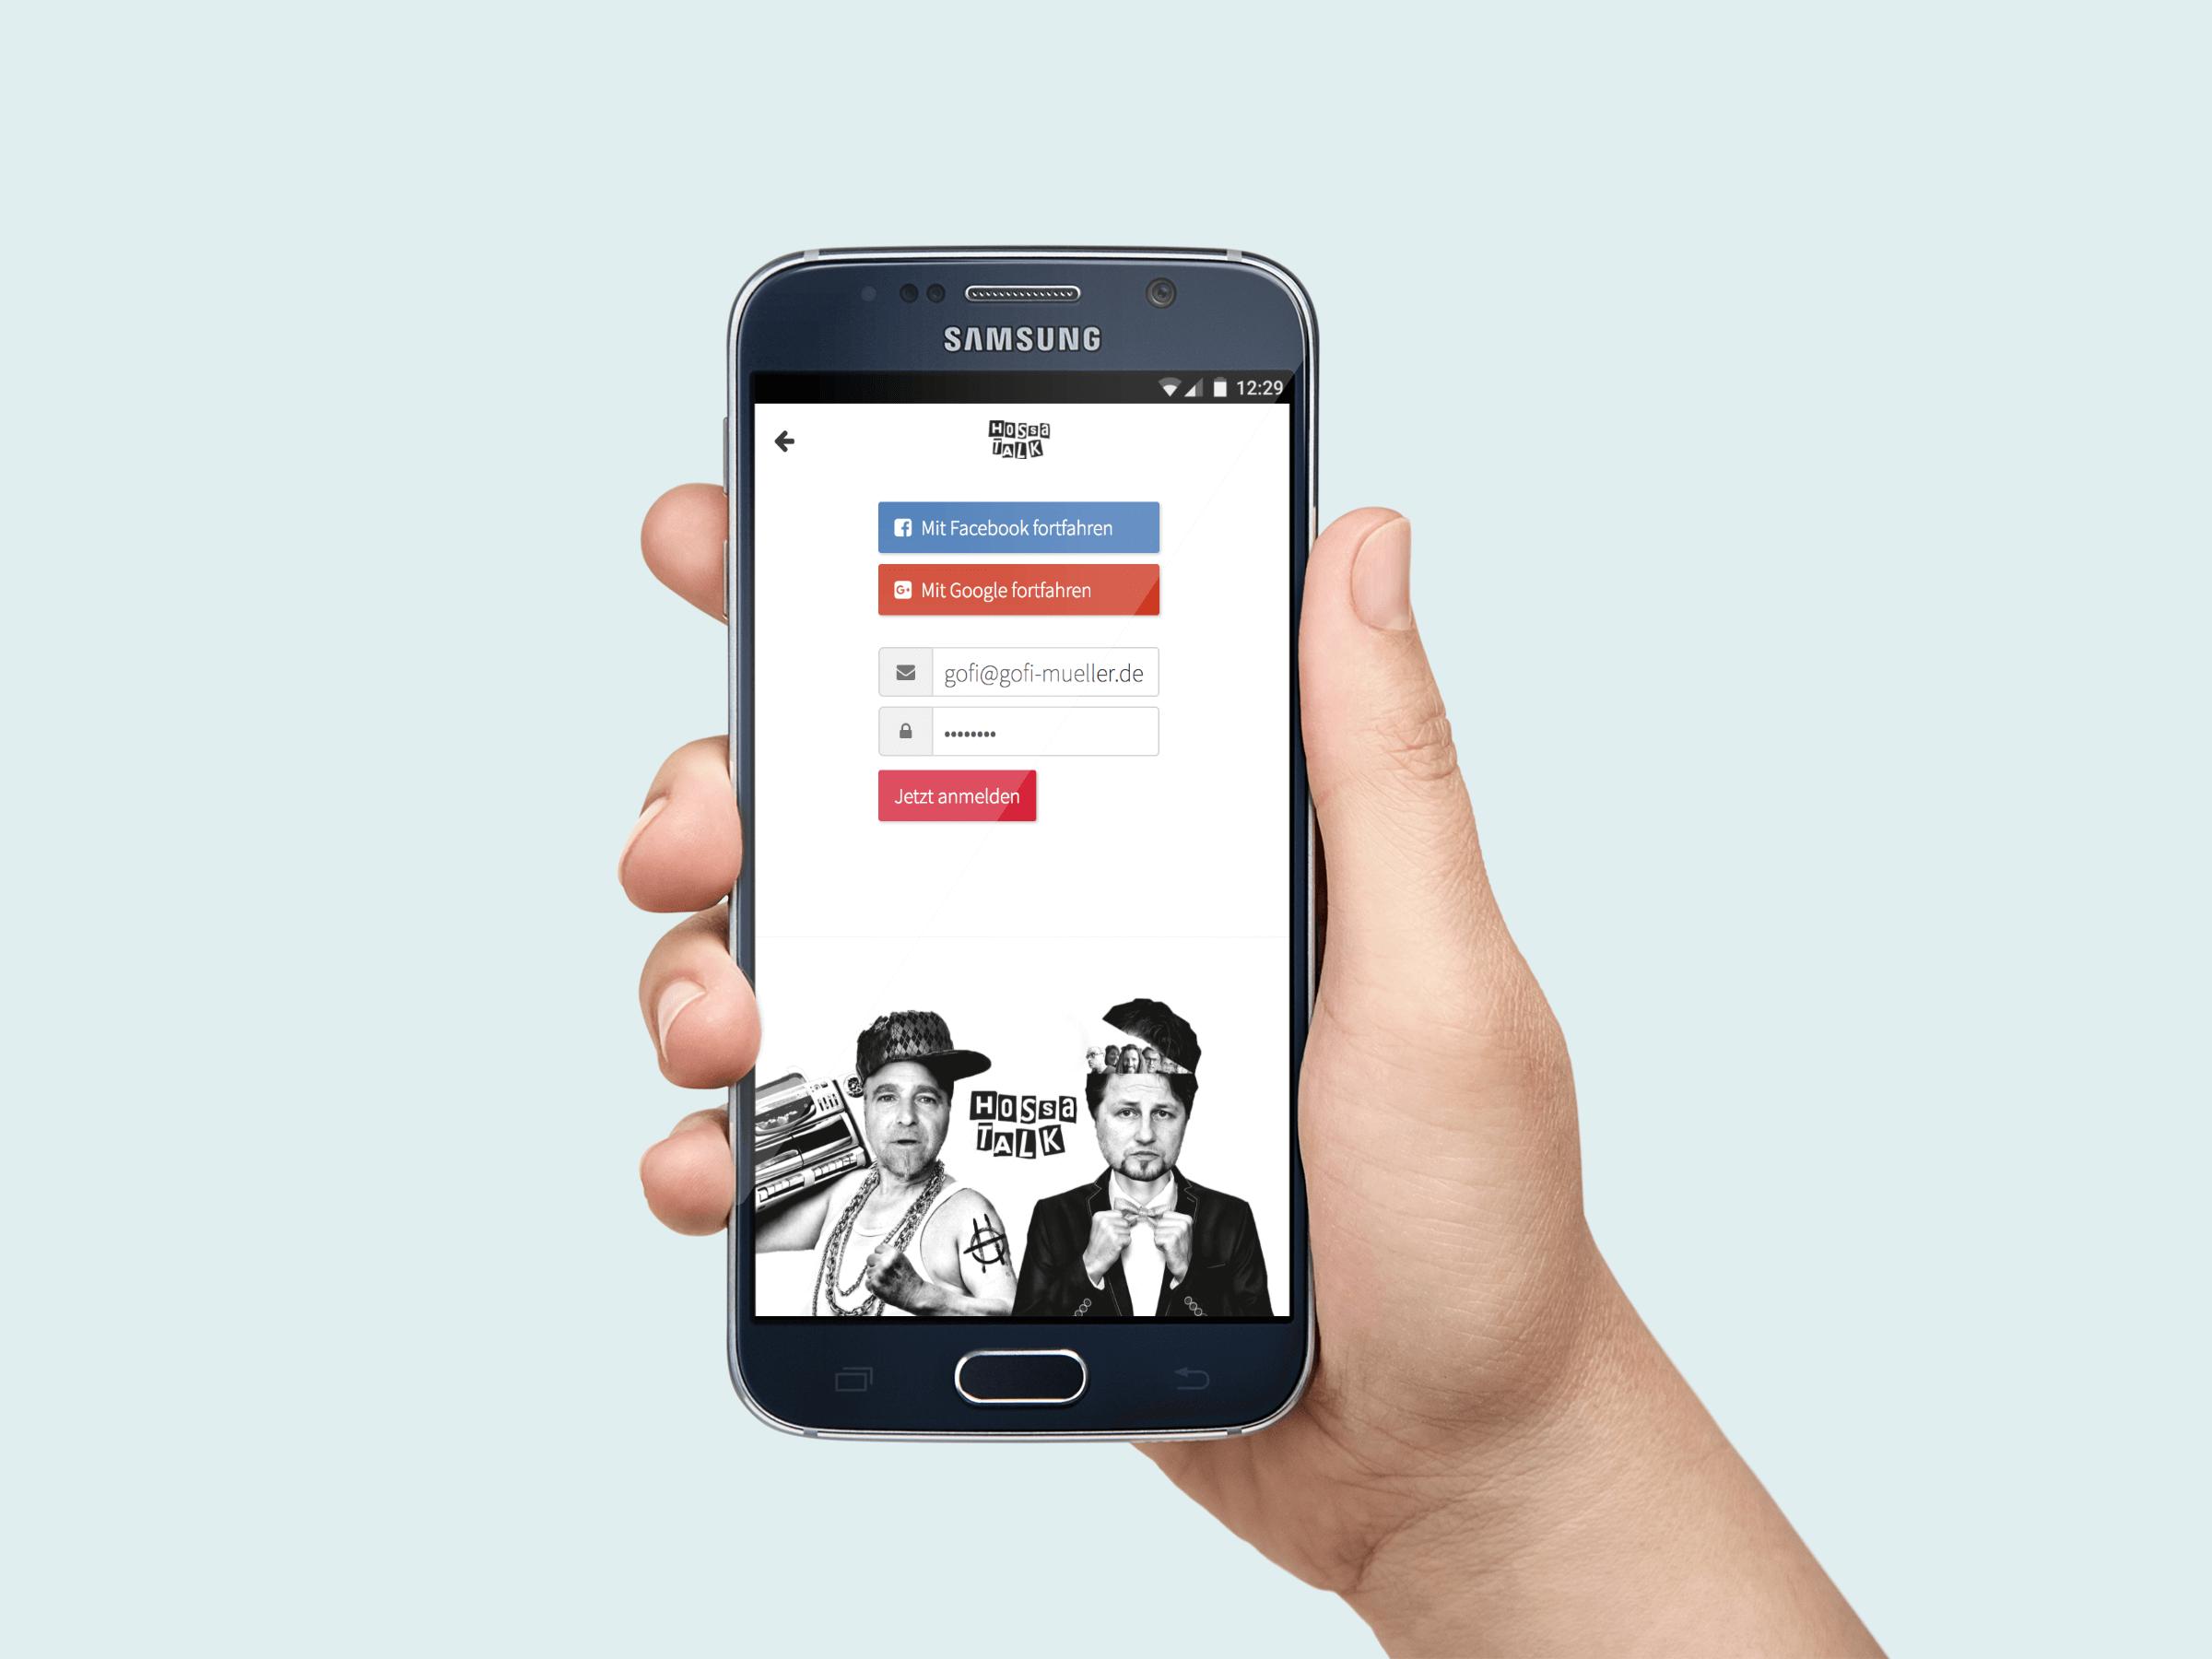 Hol dir die Hossa App!